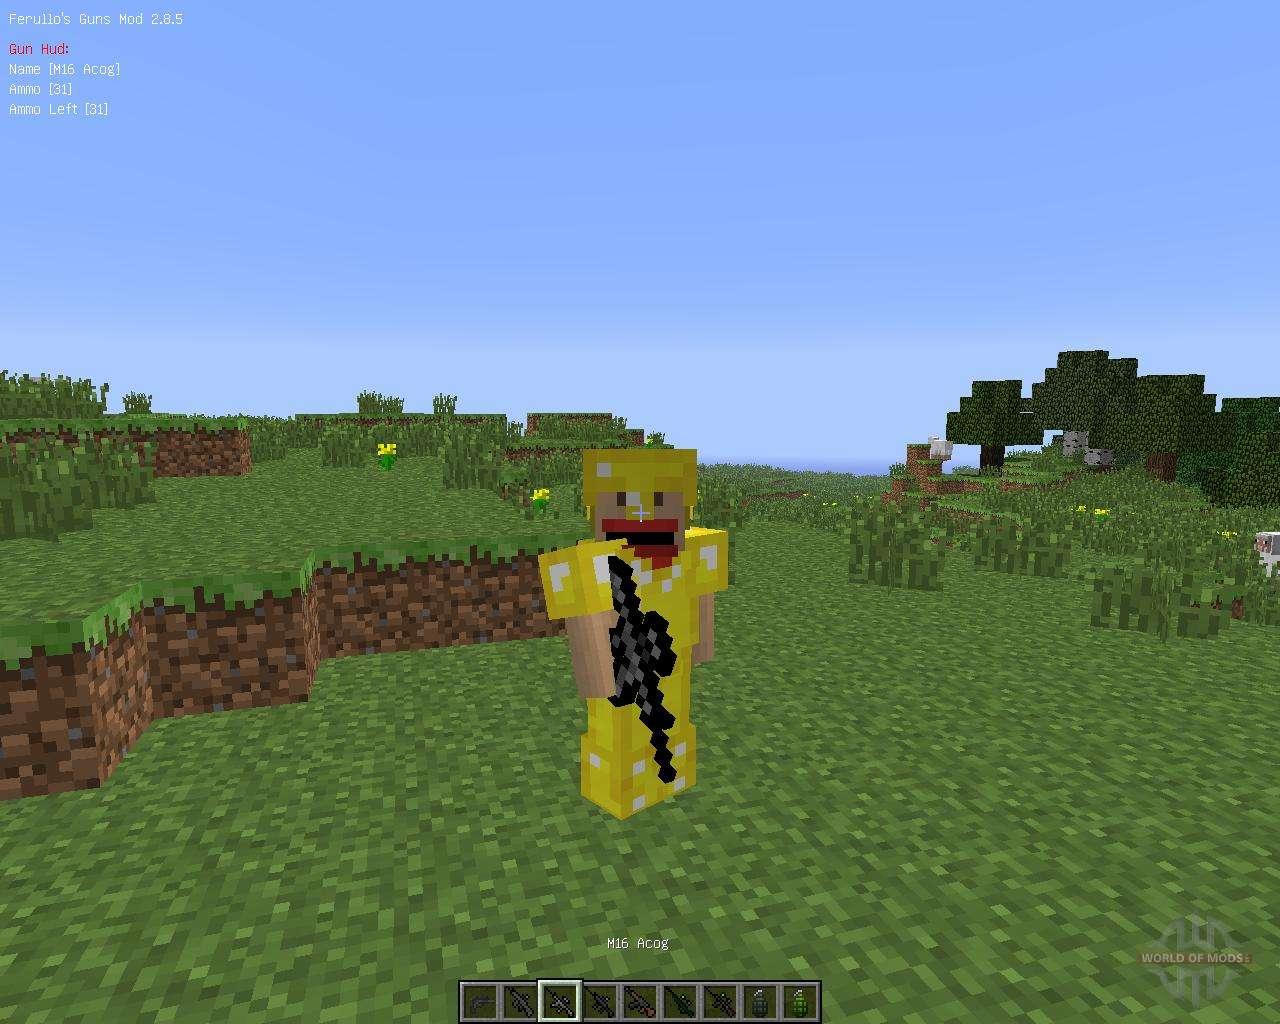 Скачать мод 3D Gun Mod для Minecraft 1.6.4